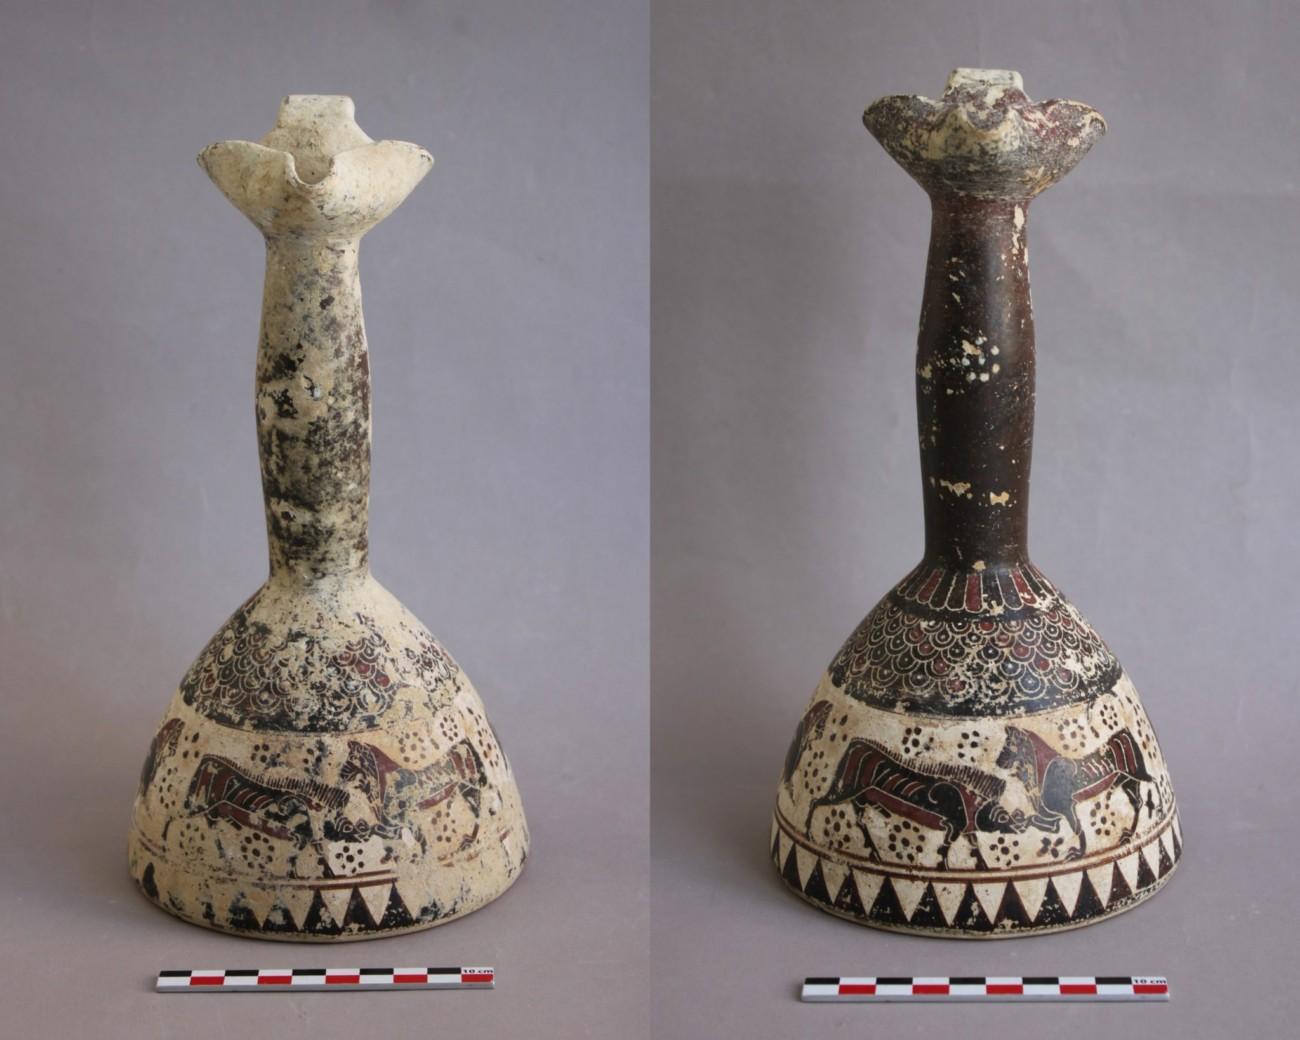 Restauration d'une céramique archéologique corinthienne